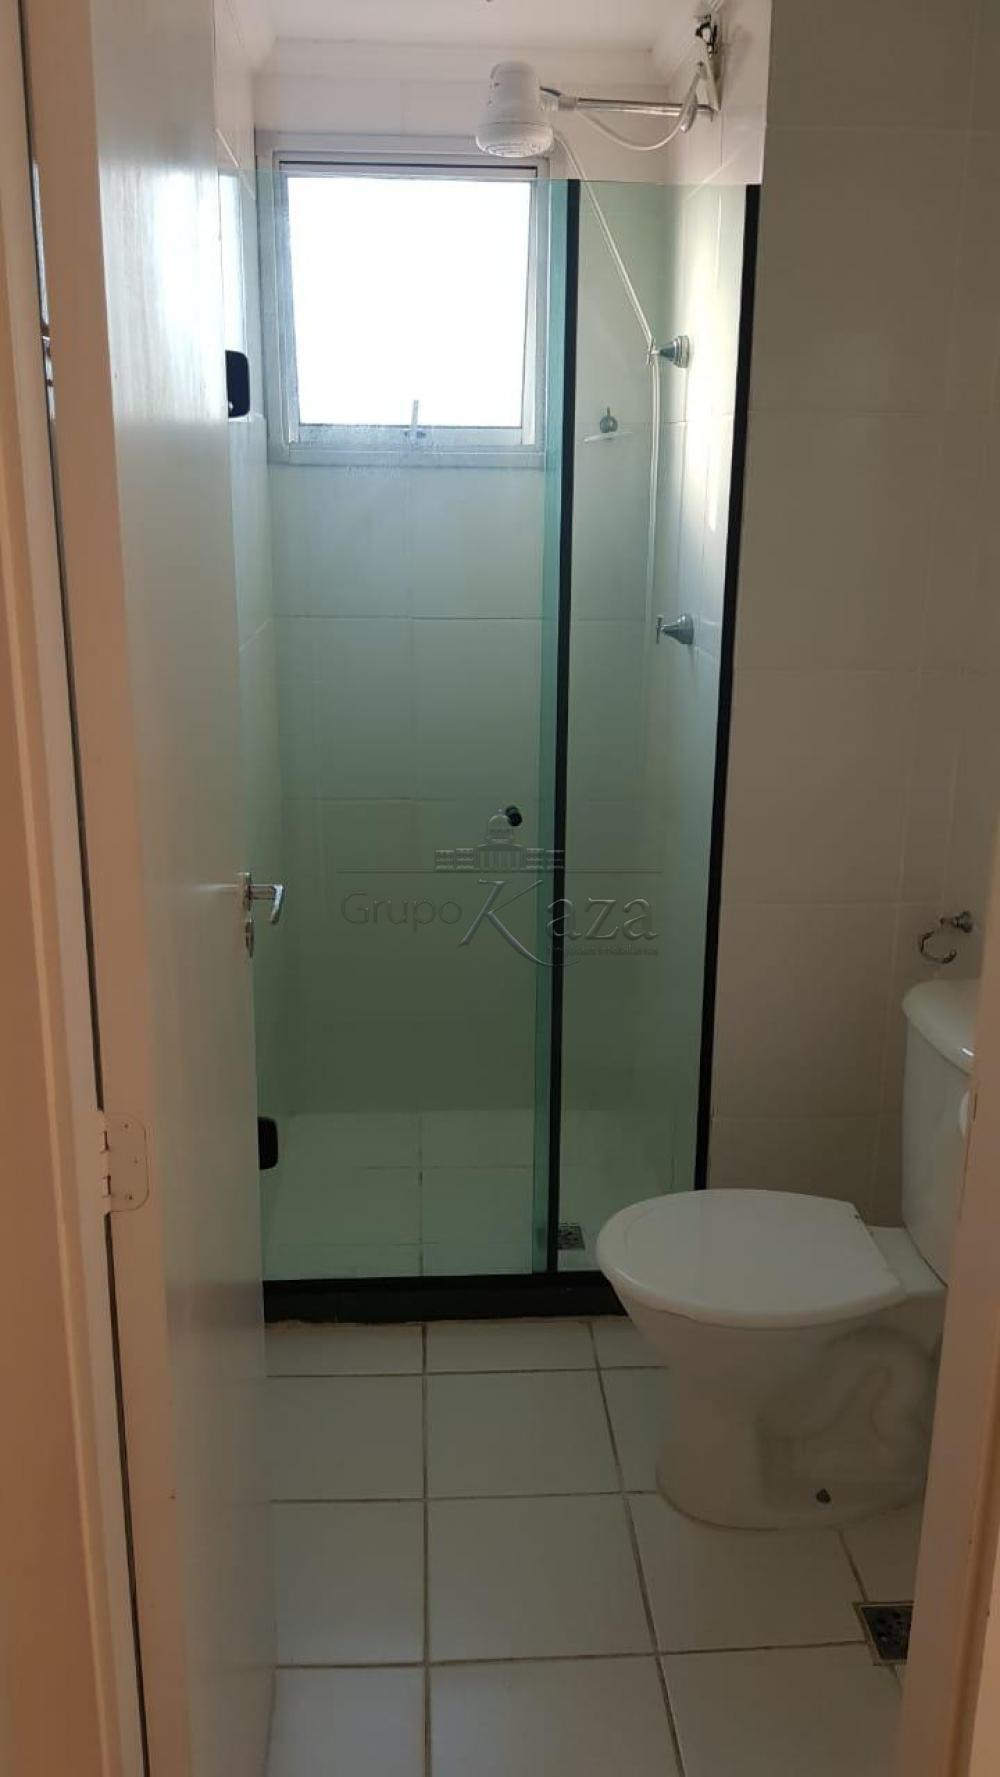 Comprar Apartamento / Padrão em São José dos Campos apenas R$ 215.000,00 - Foto 16